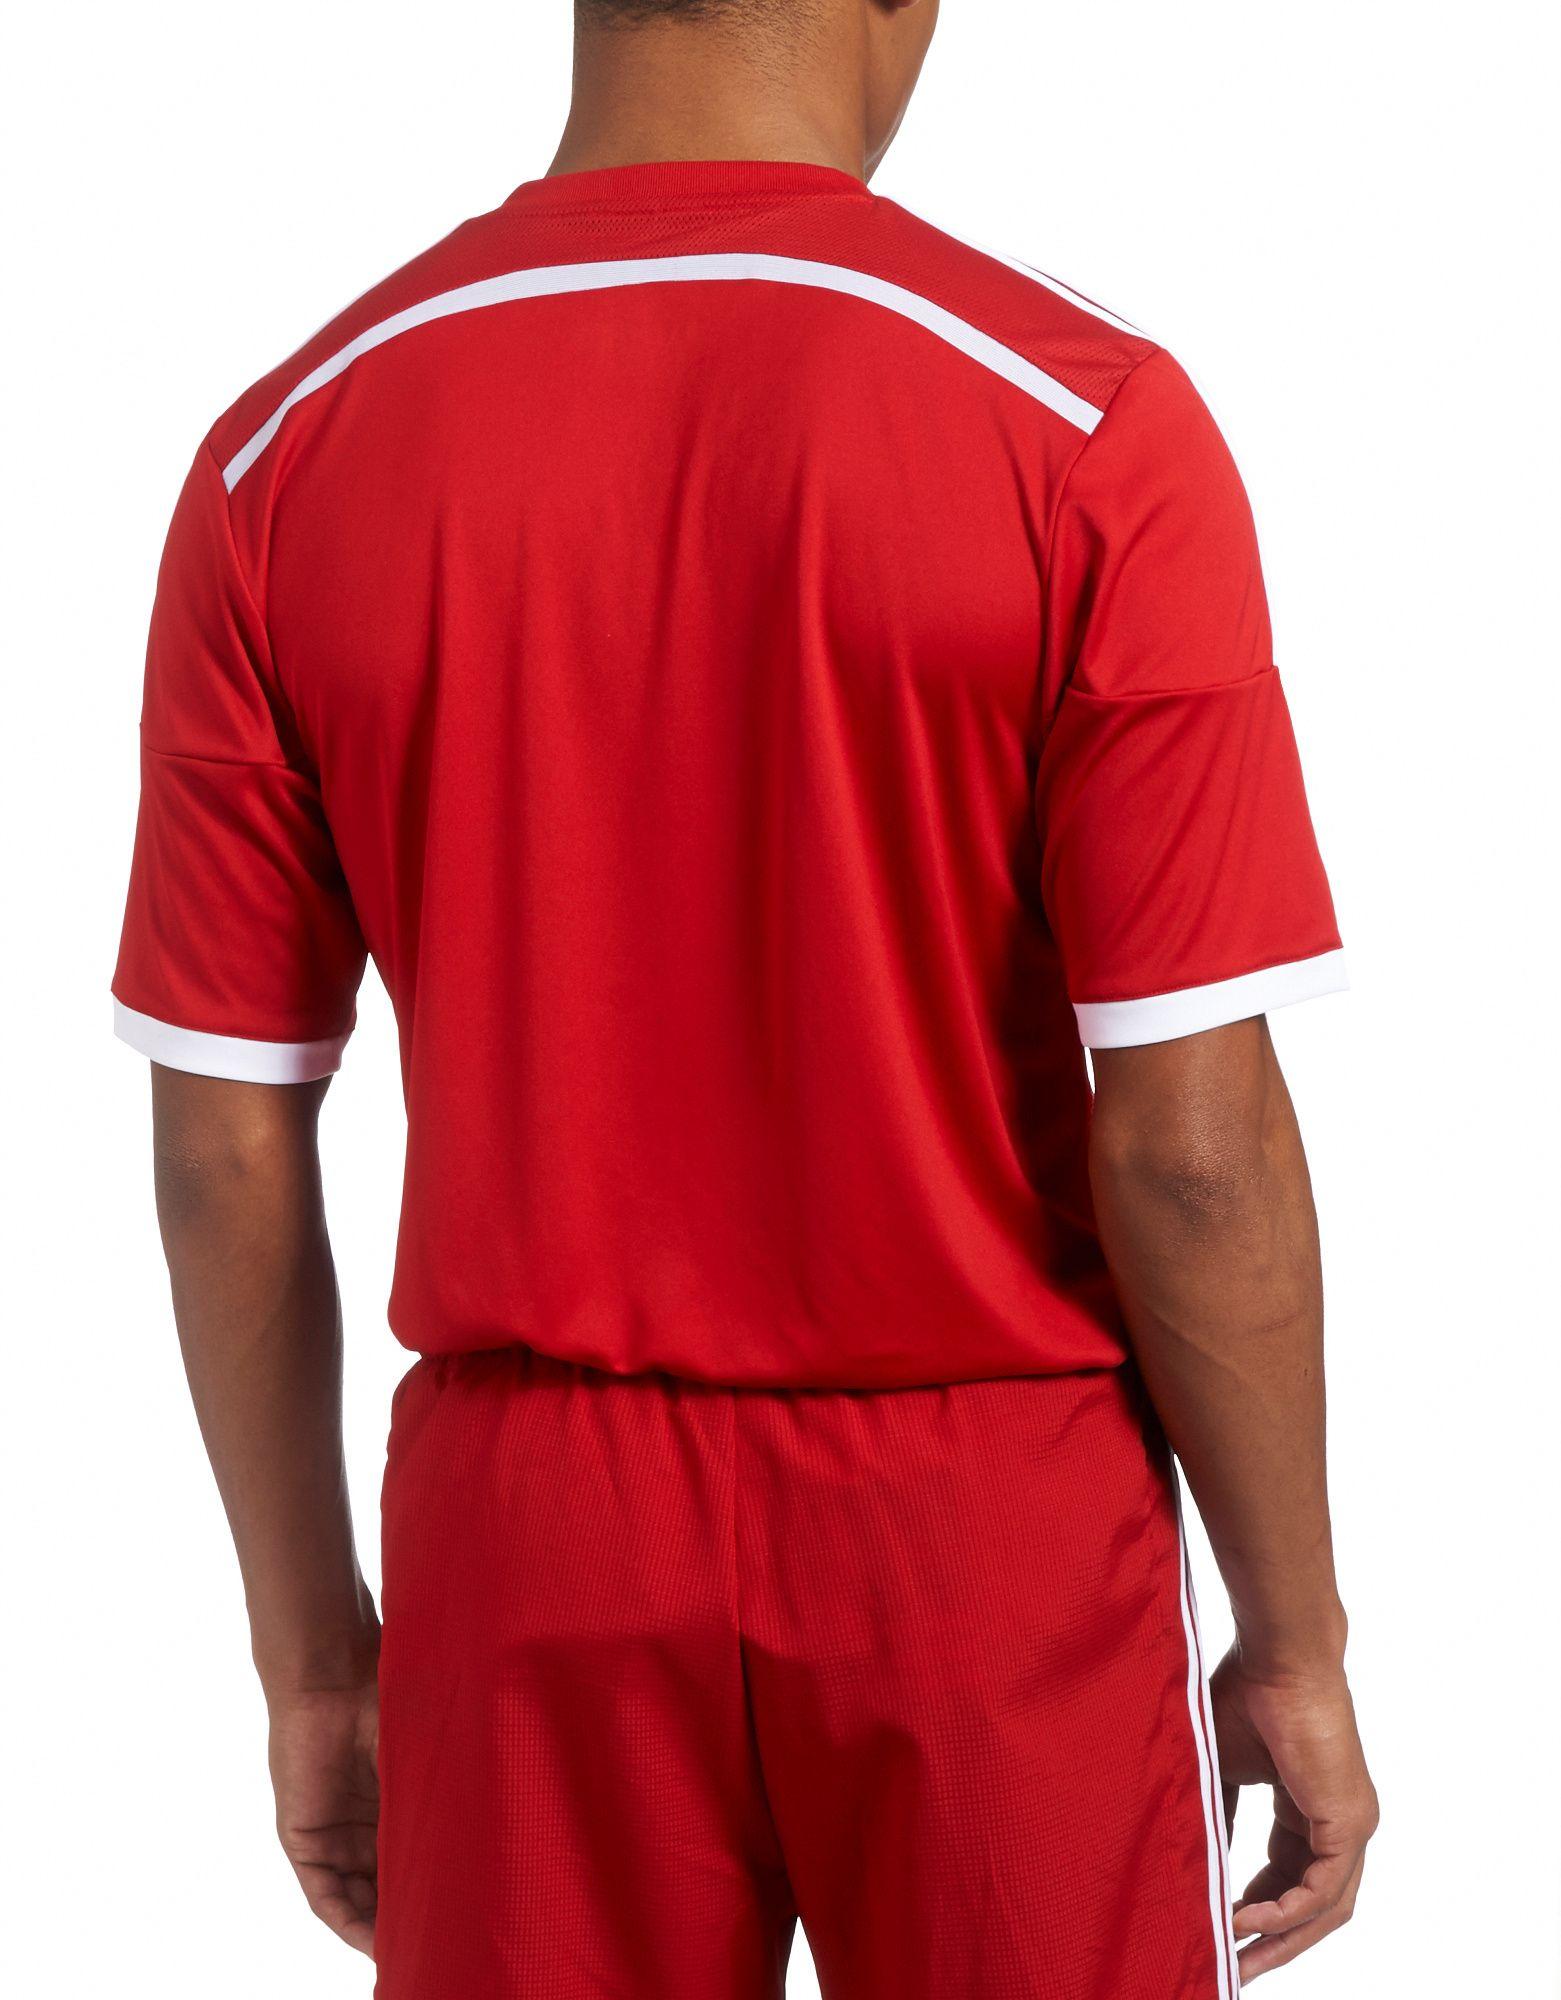 adidas Wales 2014 Home Shirt